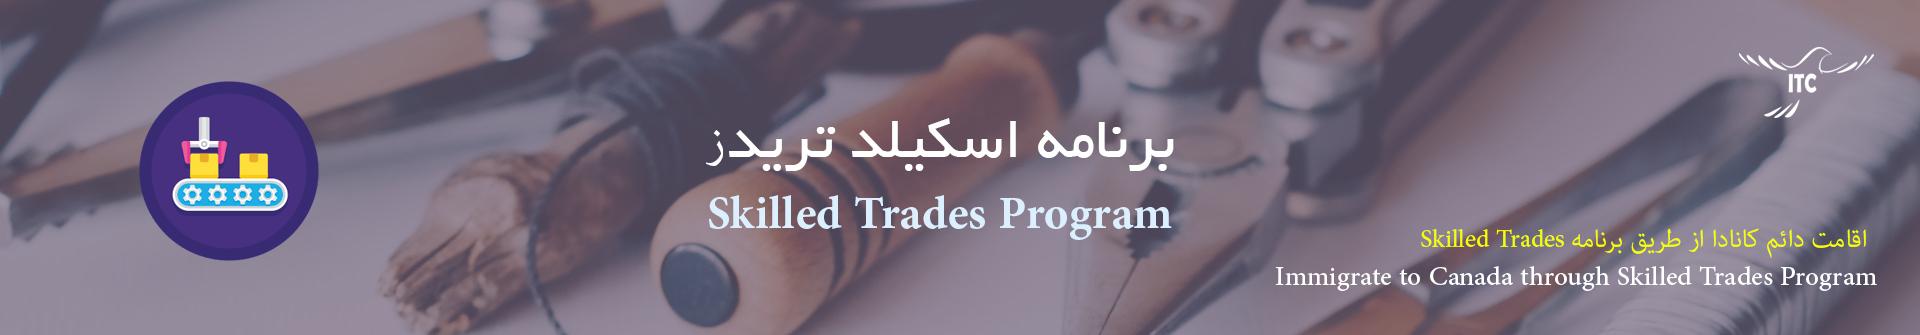 برنامه اسکیلد تریدز Skilled Trades